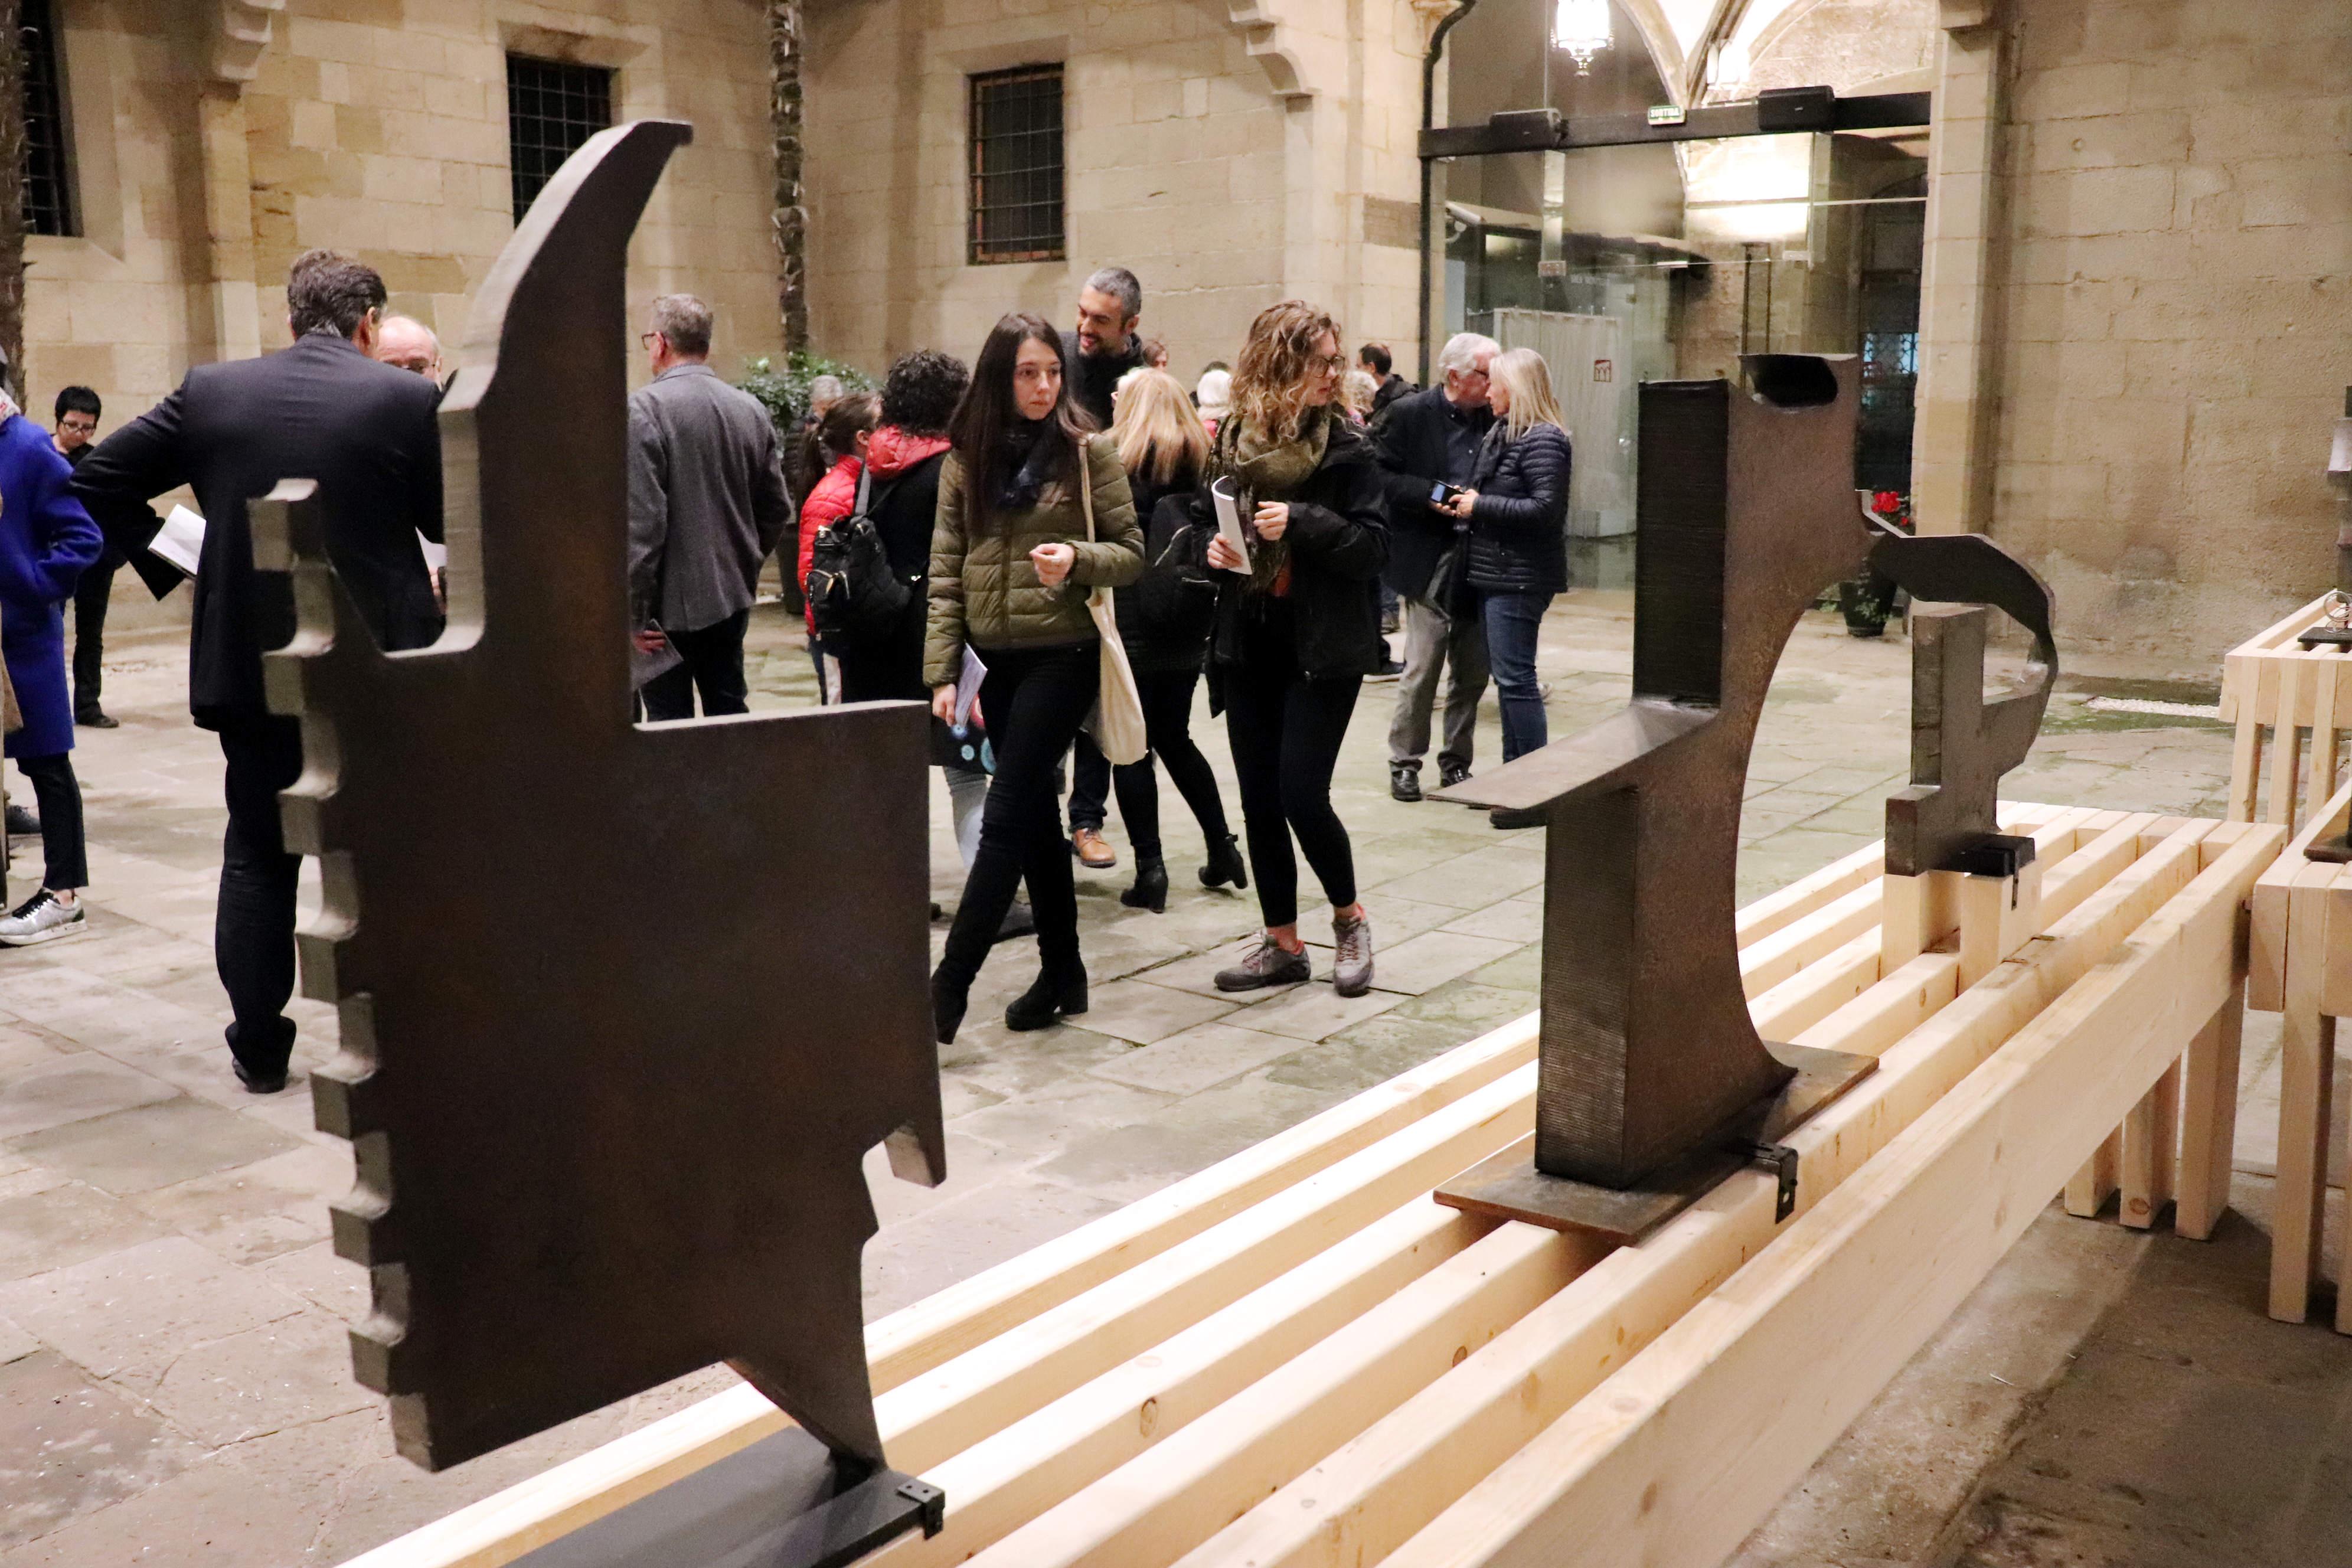 L'univers creatiu de Guillem Viladot presidirà el Pati de l'IEI coincidint amb el 20è aniversari del traspàs de l'artista